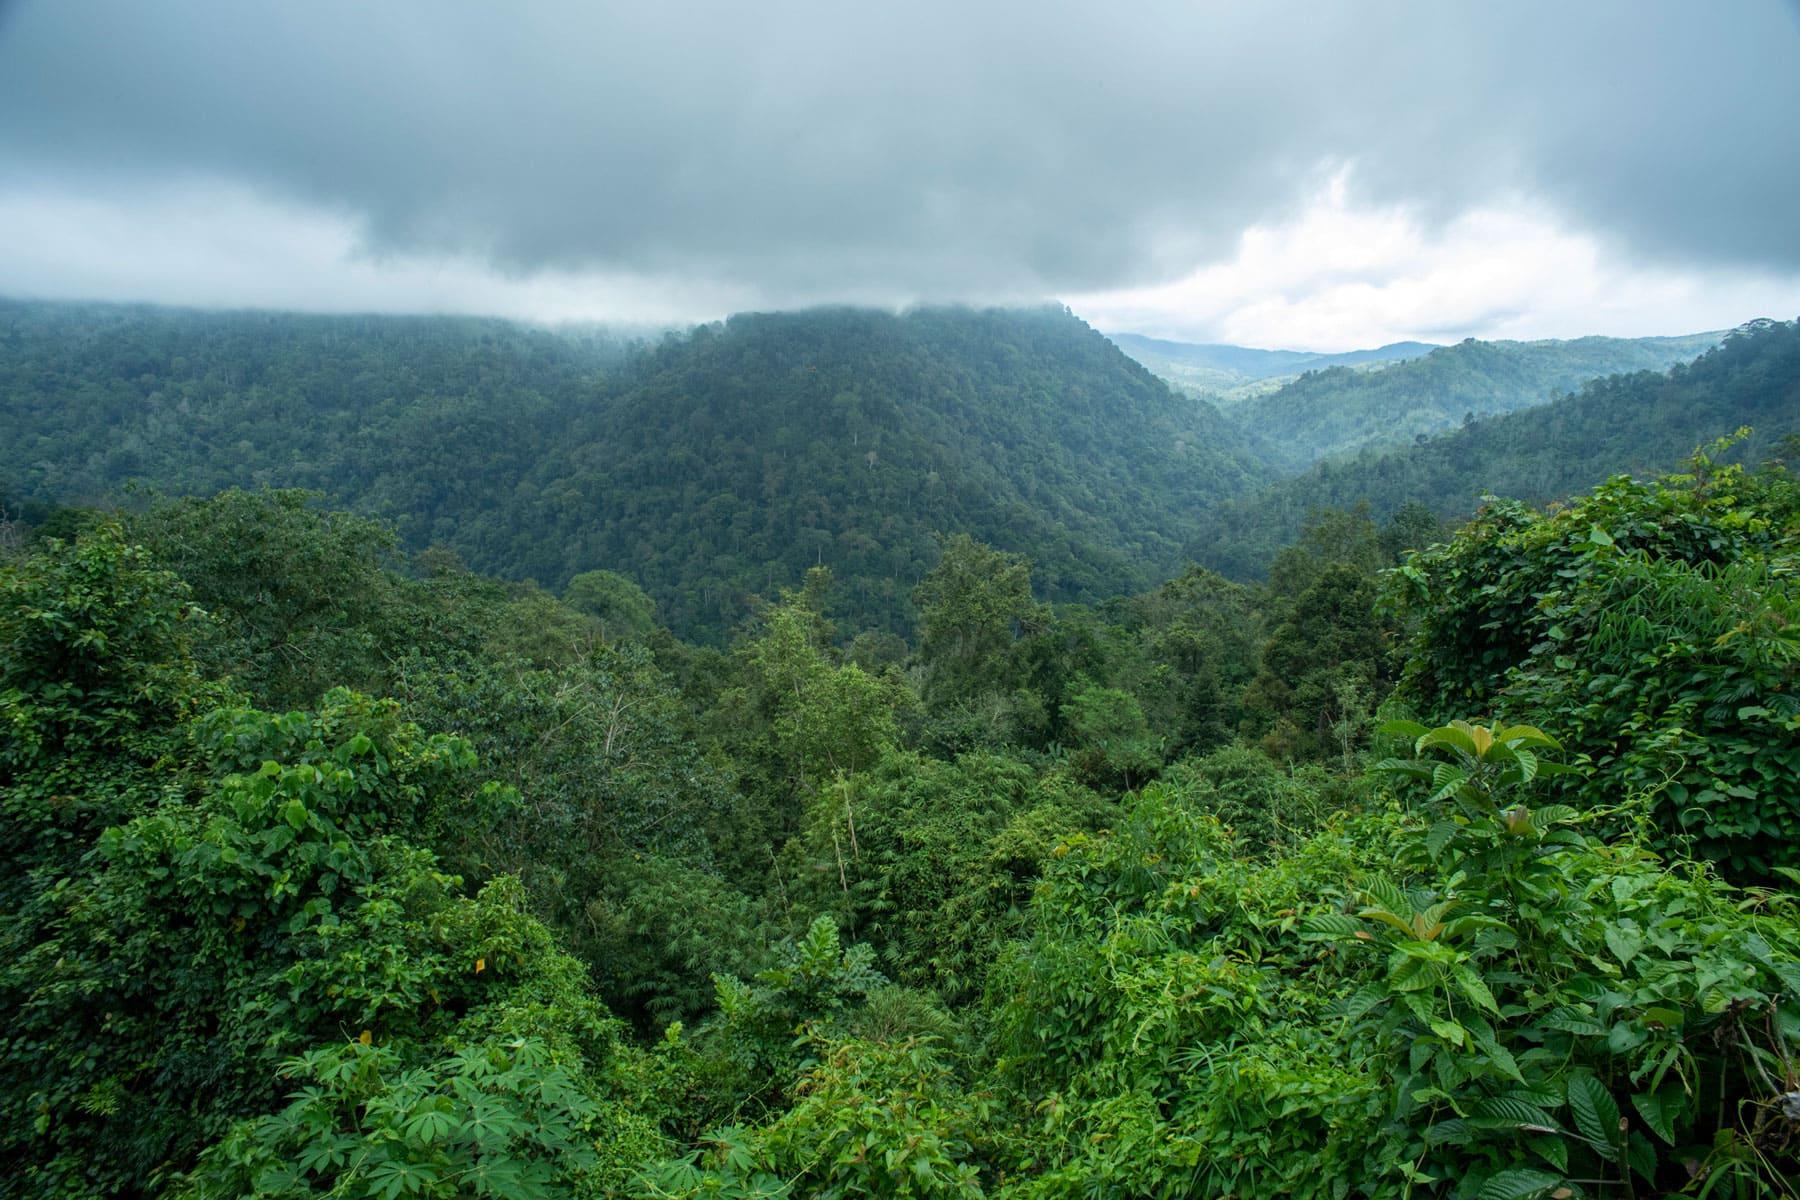 Ein Bild von einem grünen, hügeligen Regenwald von oben mit bedrohlichen Wolkenhimmel